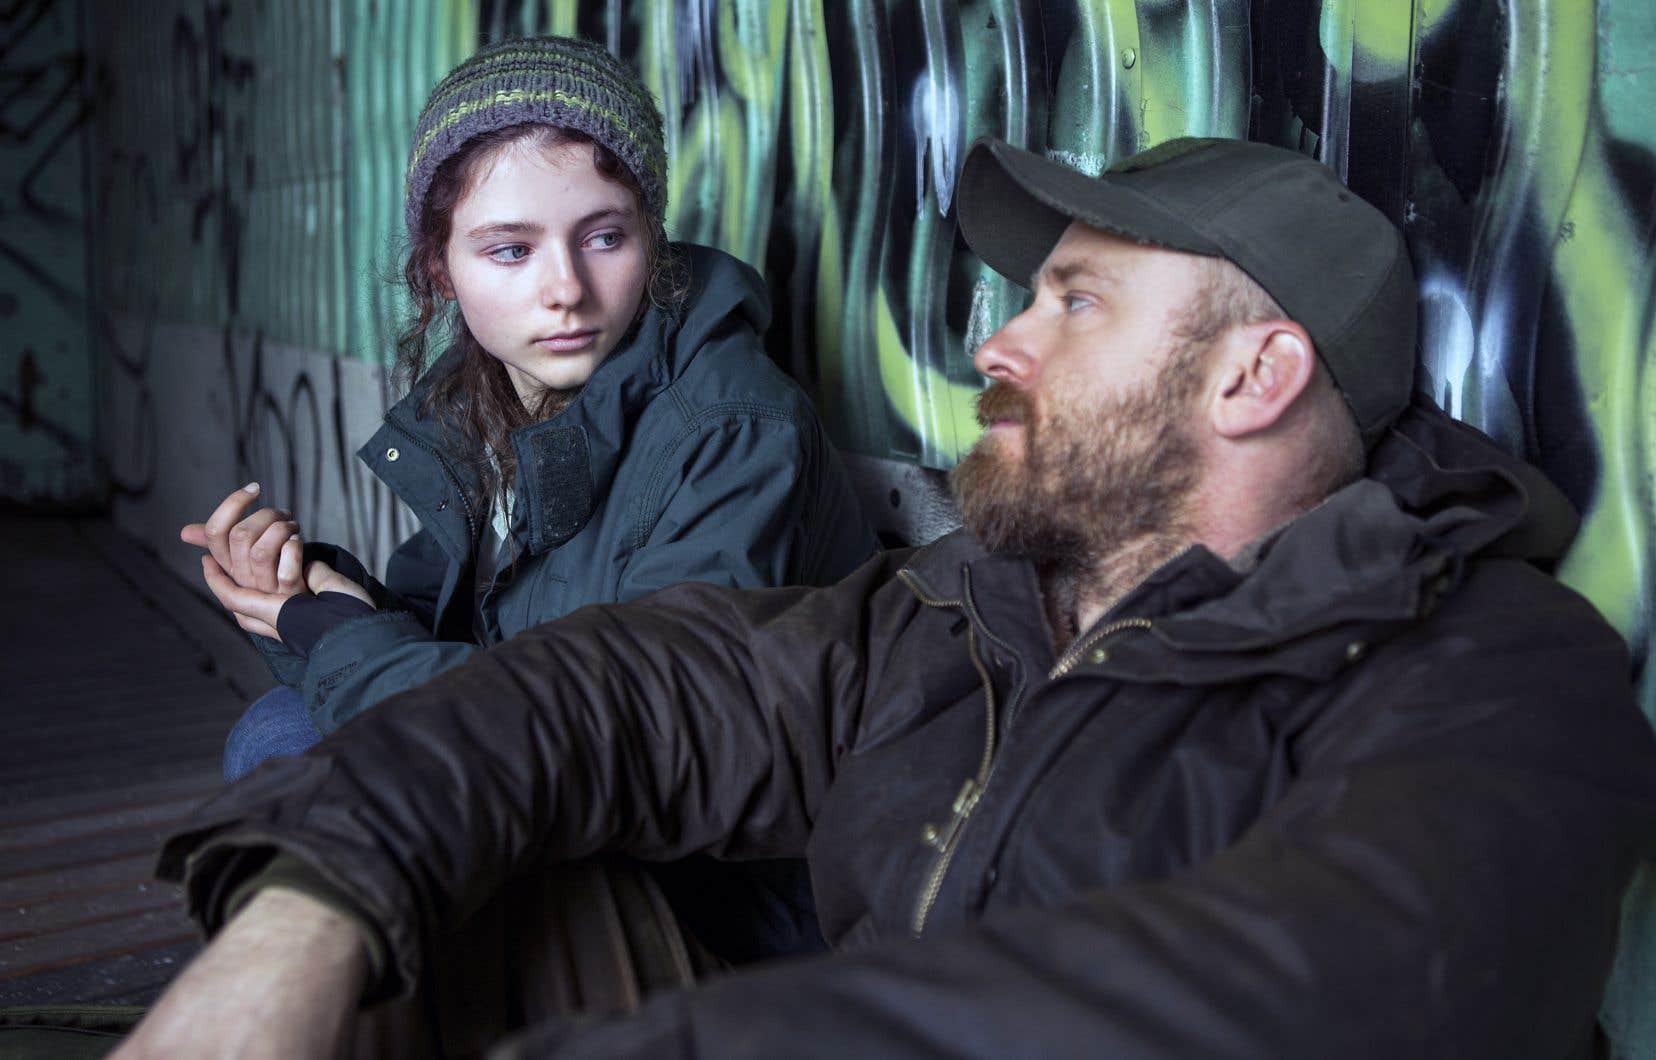 Lorsque le film commence, on découvre le père et la fille vaquant à leurs occupations routinières, celles-ci réglées comme du papier à musique. Peu de mots passent entre eux, mais lorsque des paroles sont formulées, elles émanent généralement de Tom, curieuse, en éveil.